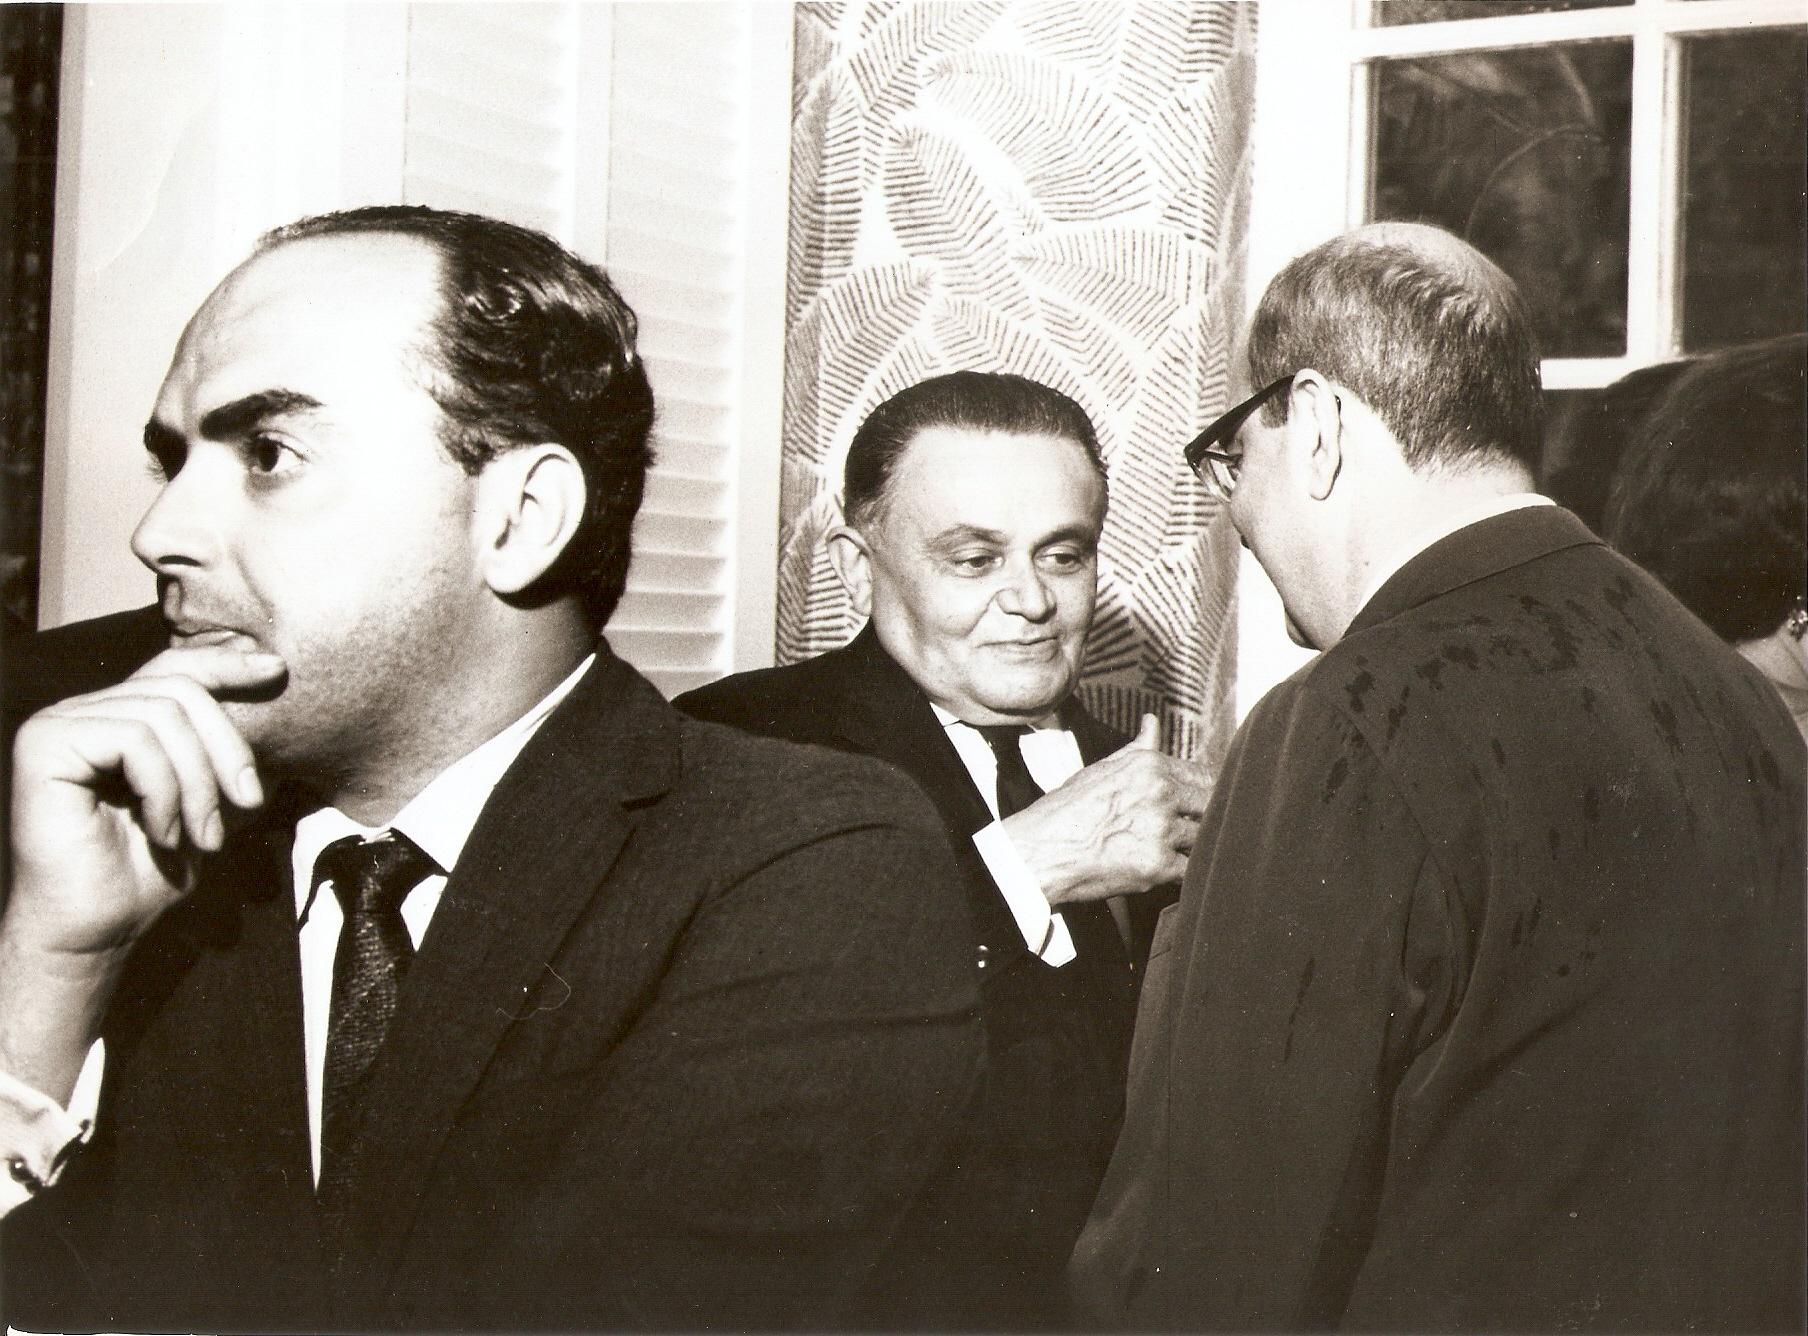 Com o Mal. Castelo Branco – 01/1964